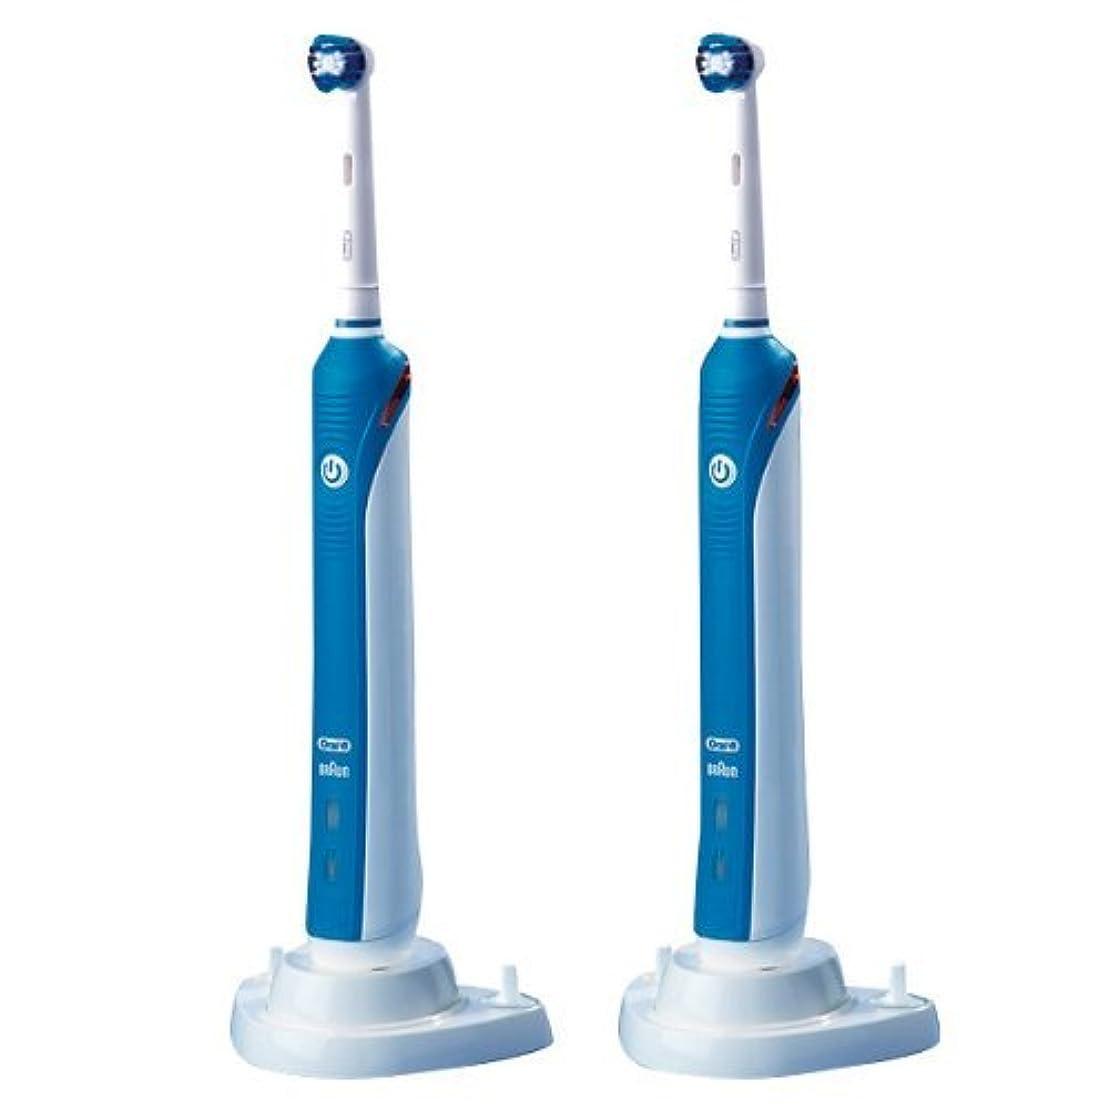 近似反毒かろうじてブラウン 電動歯ブラシ D205142NH